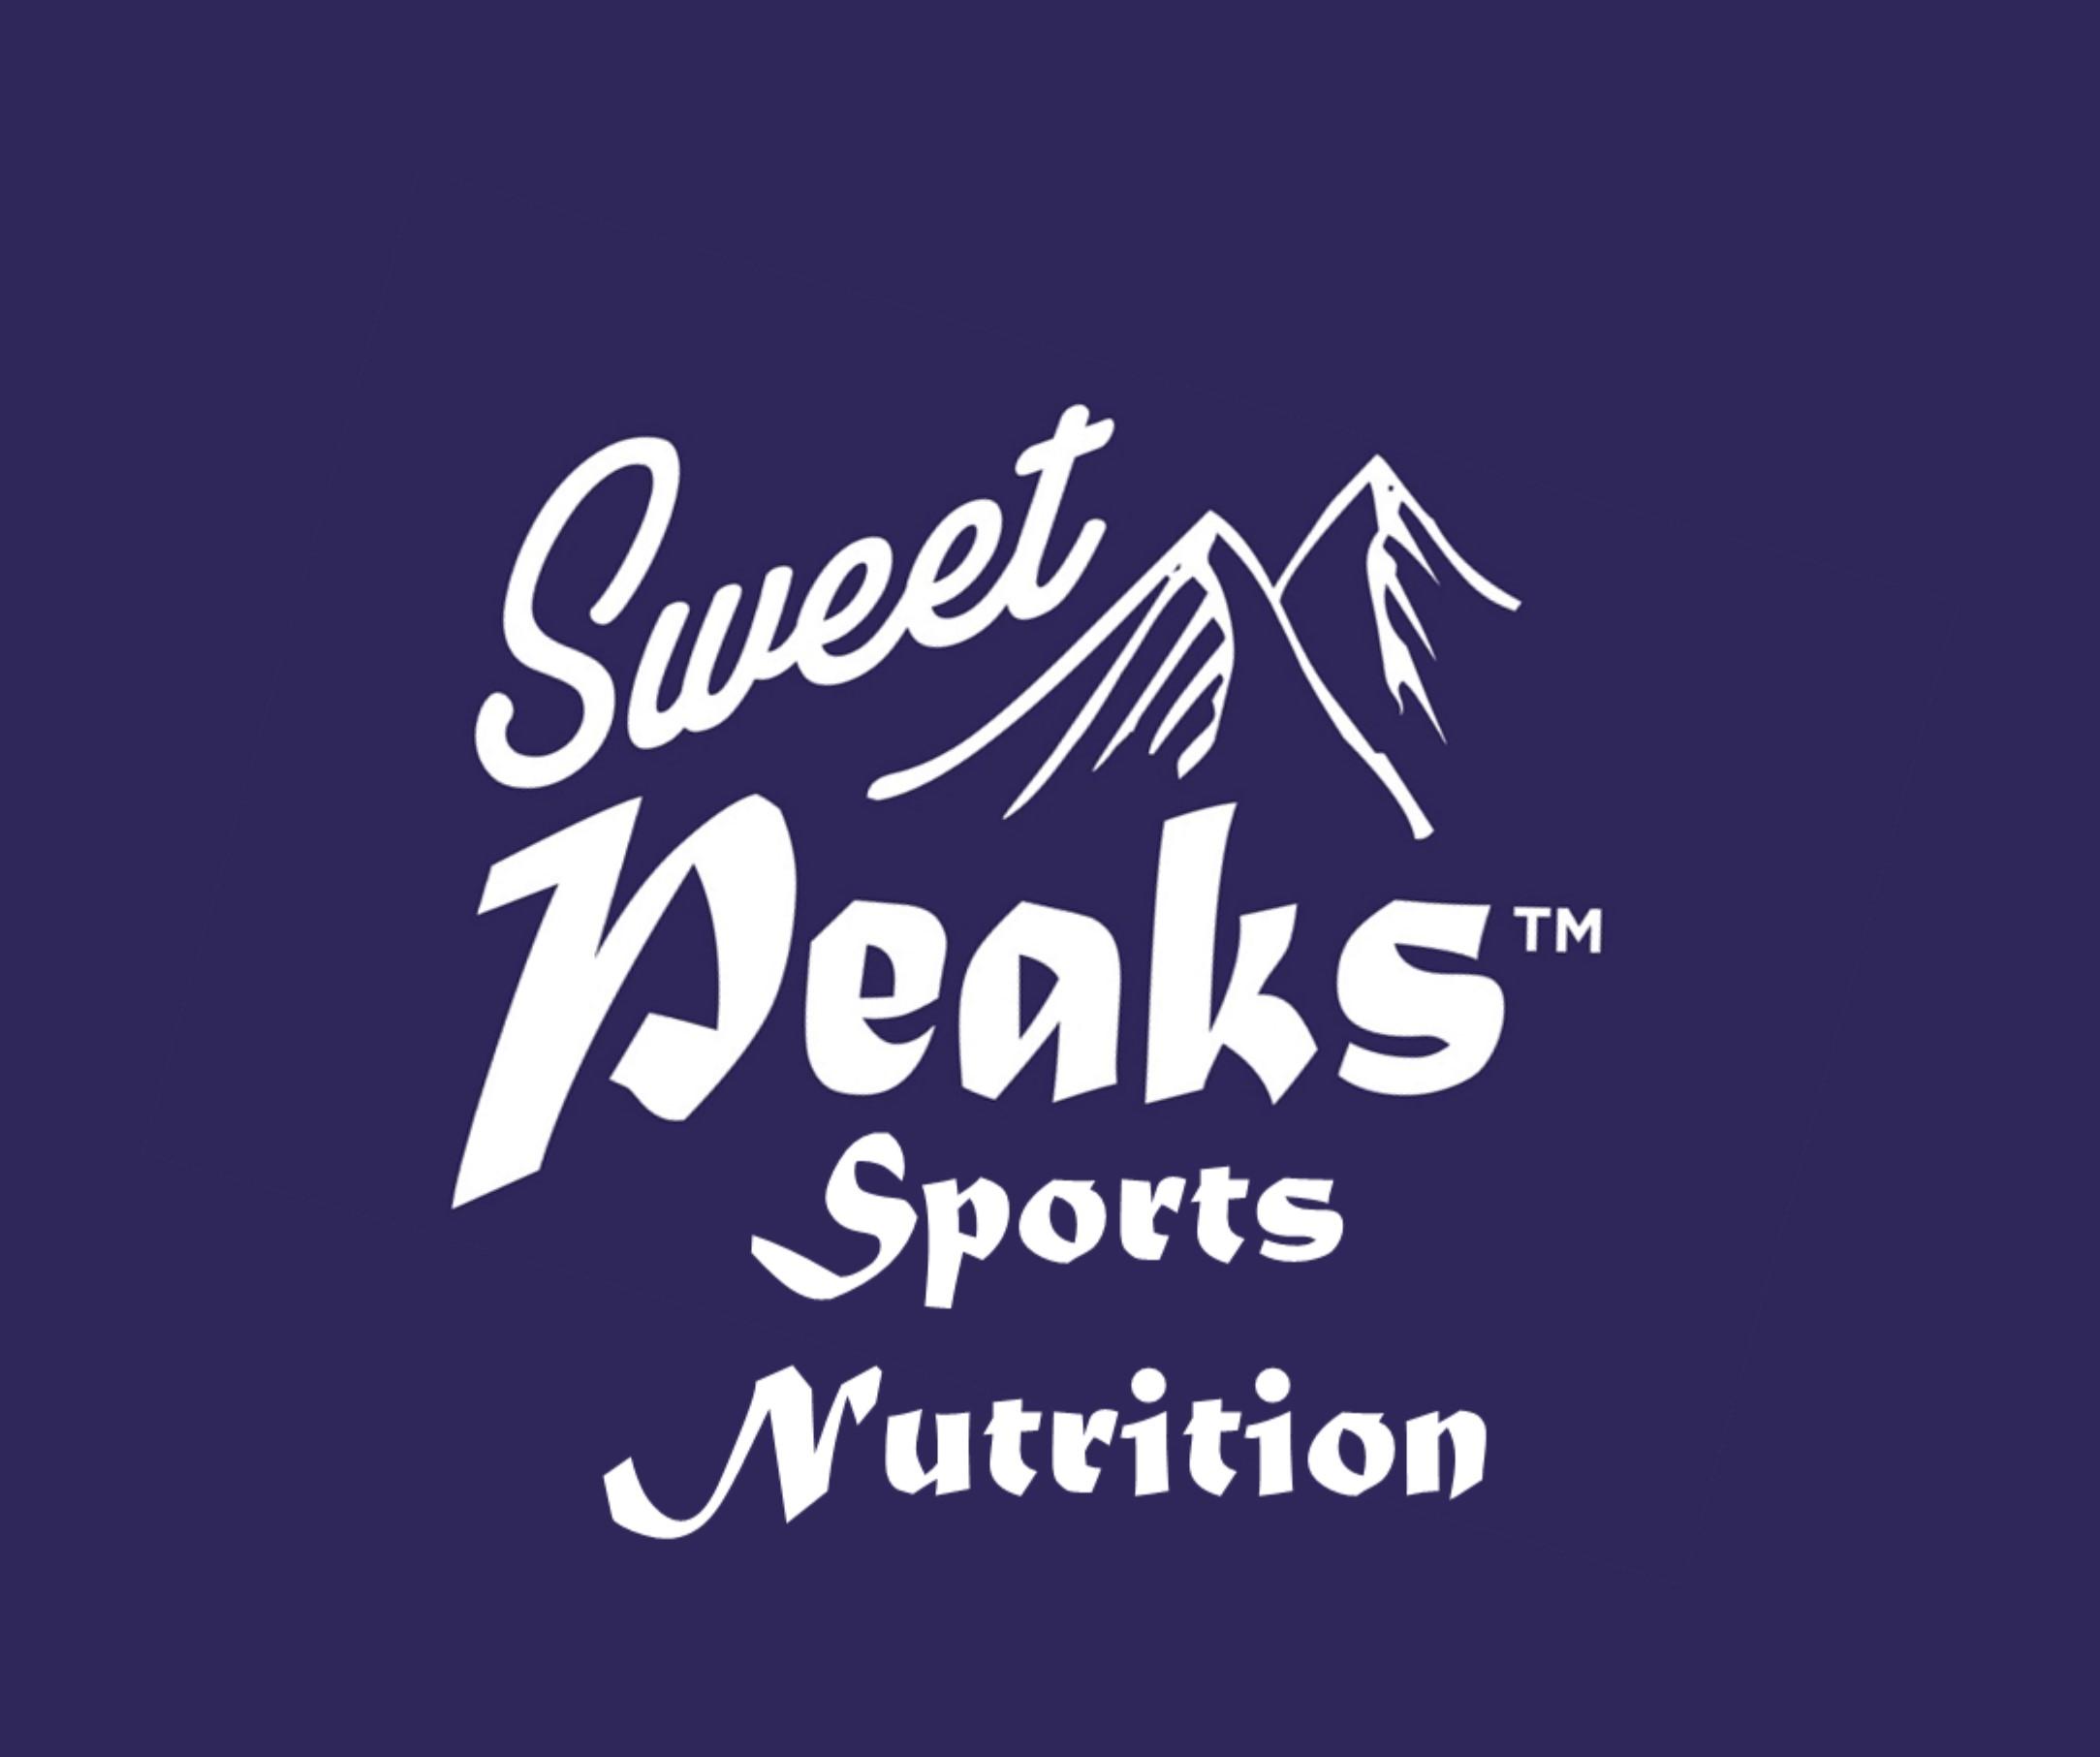 Sweet Peaks Sports Nutrition